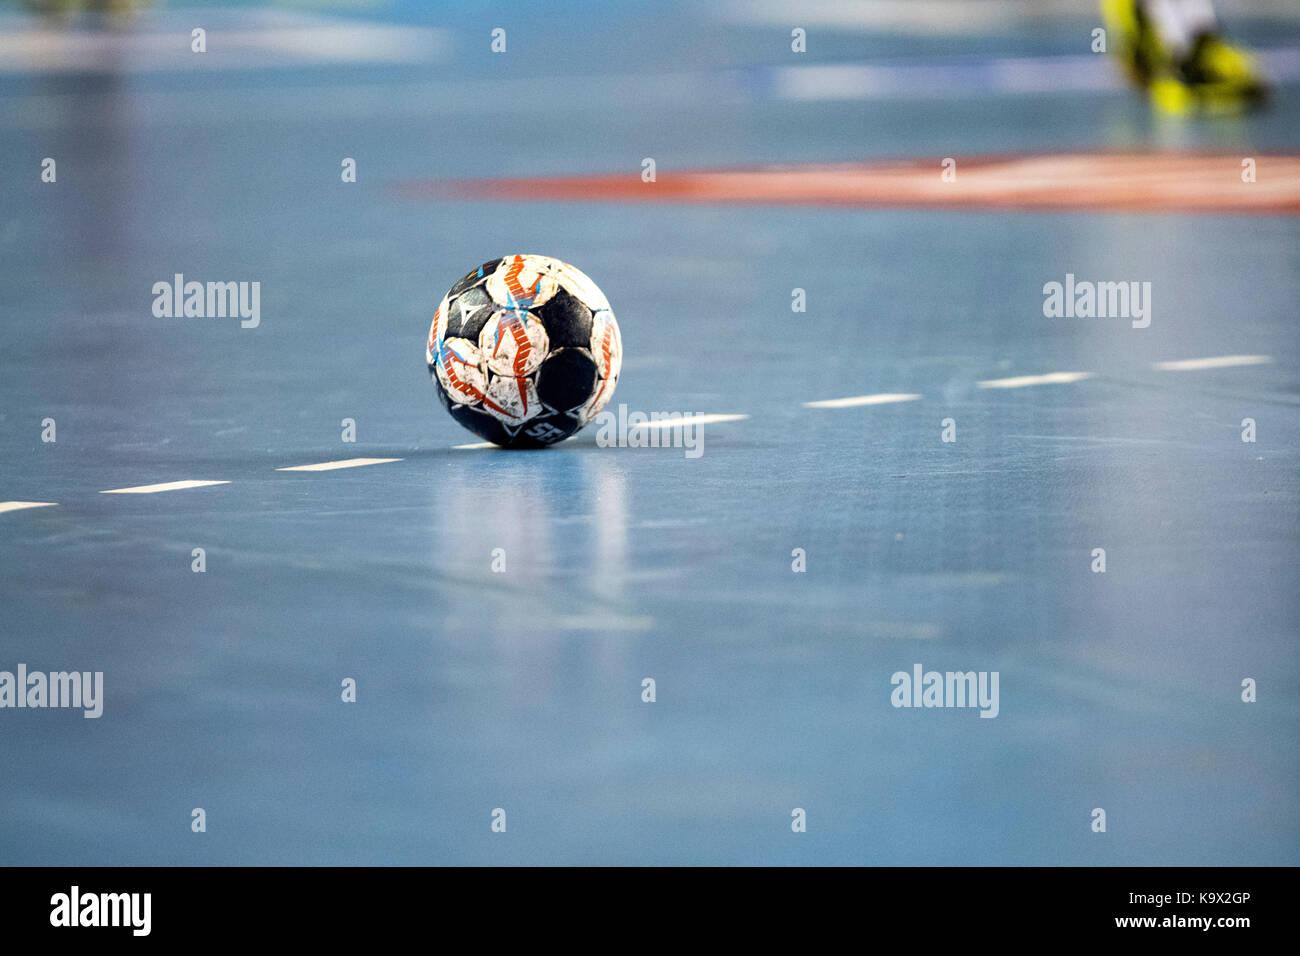 Leon, Spagna. 24 Settembre, 2017. La sfera della partita durante la partita di pallamano di 2017/2018 EHF Champions Immagini Stock